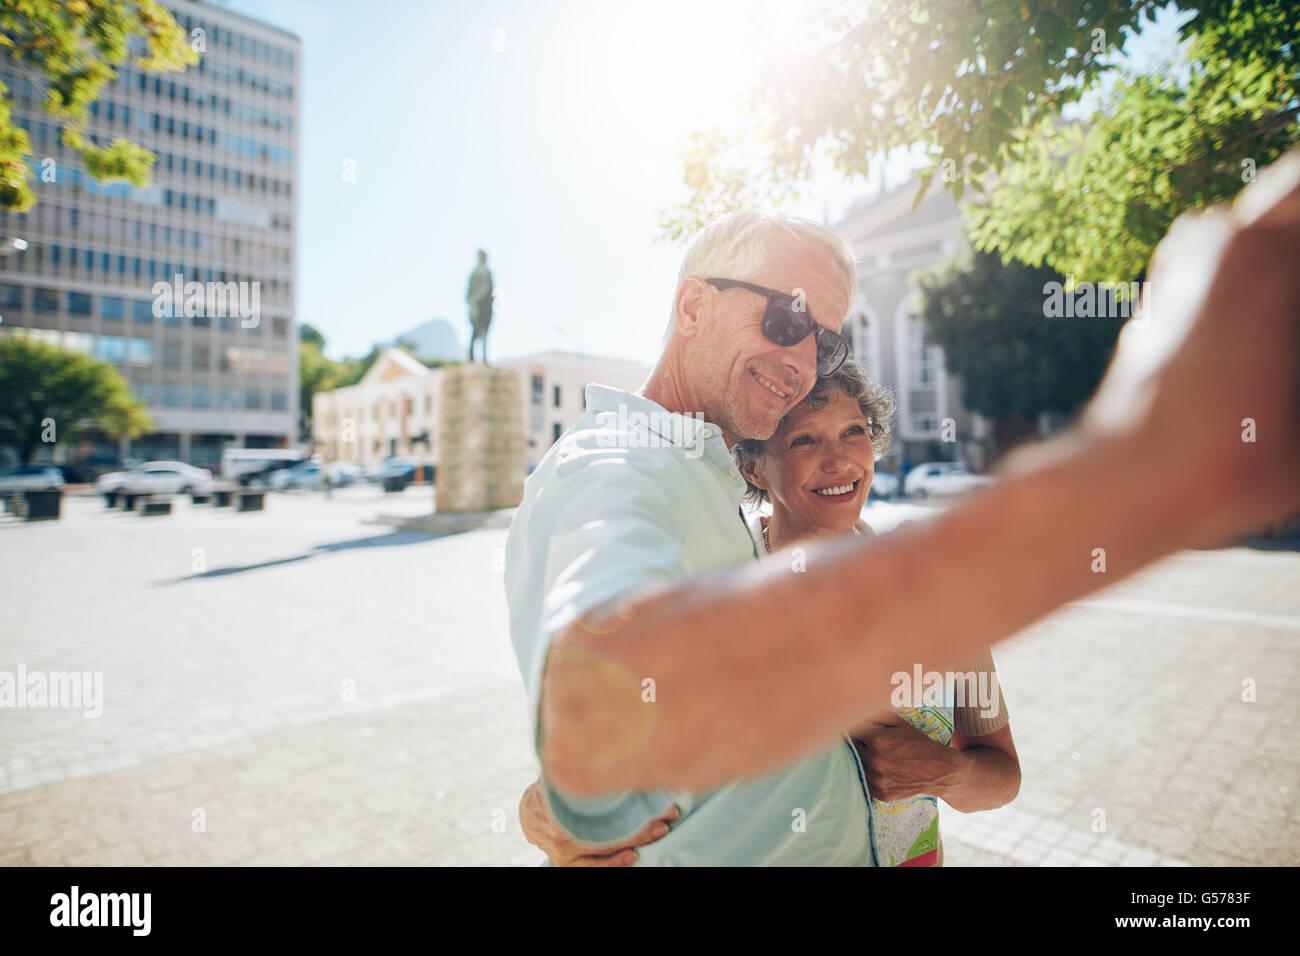 Heureux et affectueux senior couple embracing et prendre une à l'extérieur. selfies En tourisme d'autoportraits Photo Stock